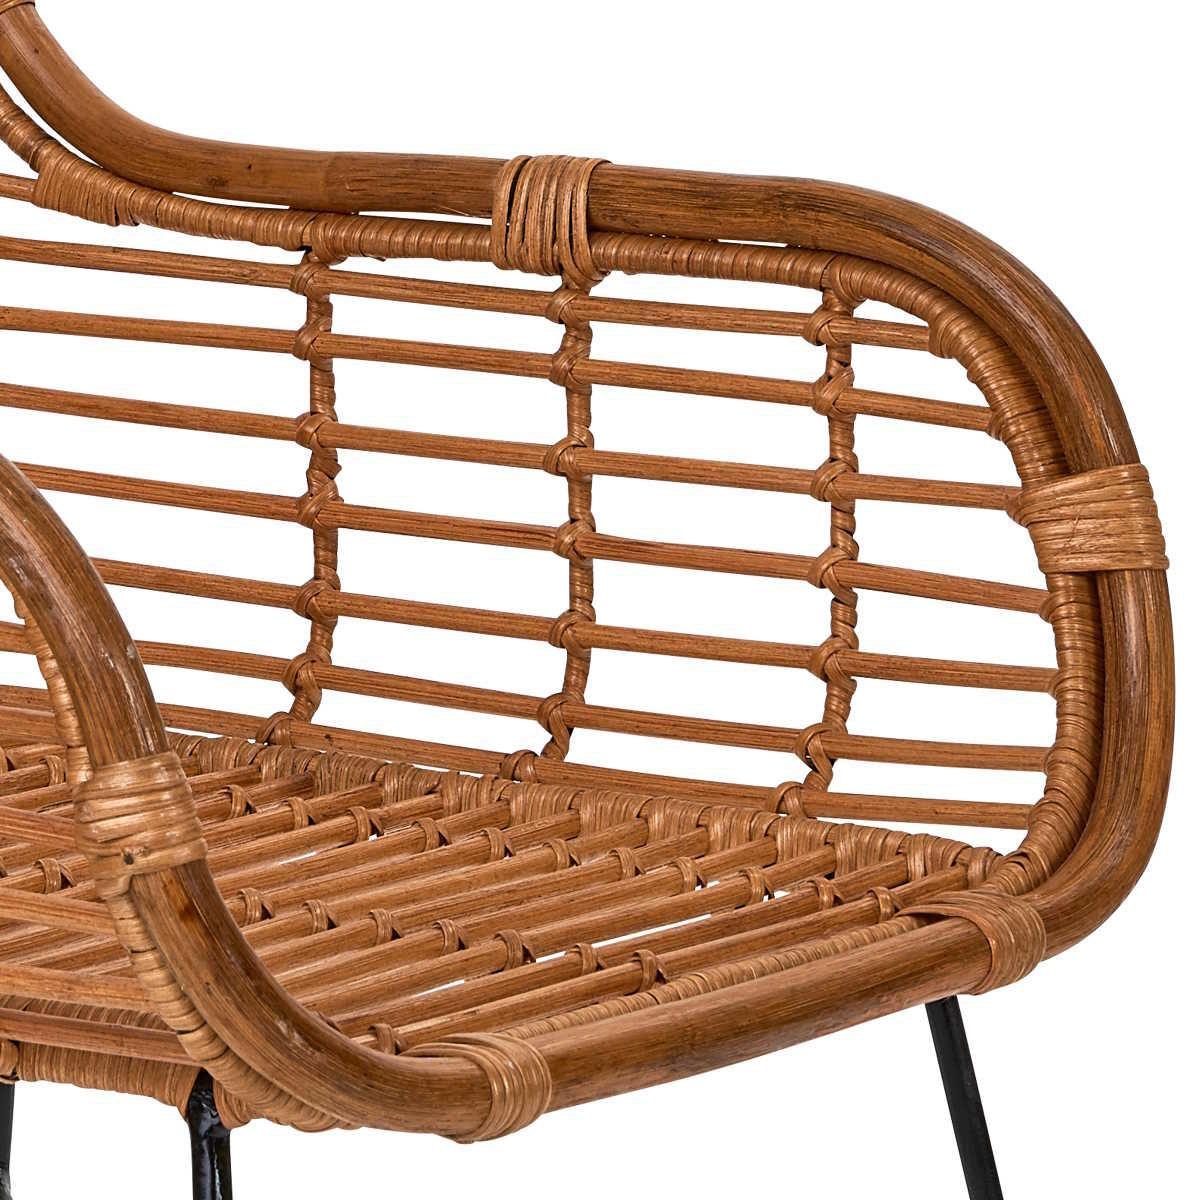 Bild 5 von Rattan-Sessel mit Armlehnen